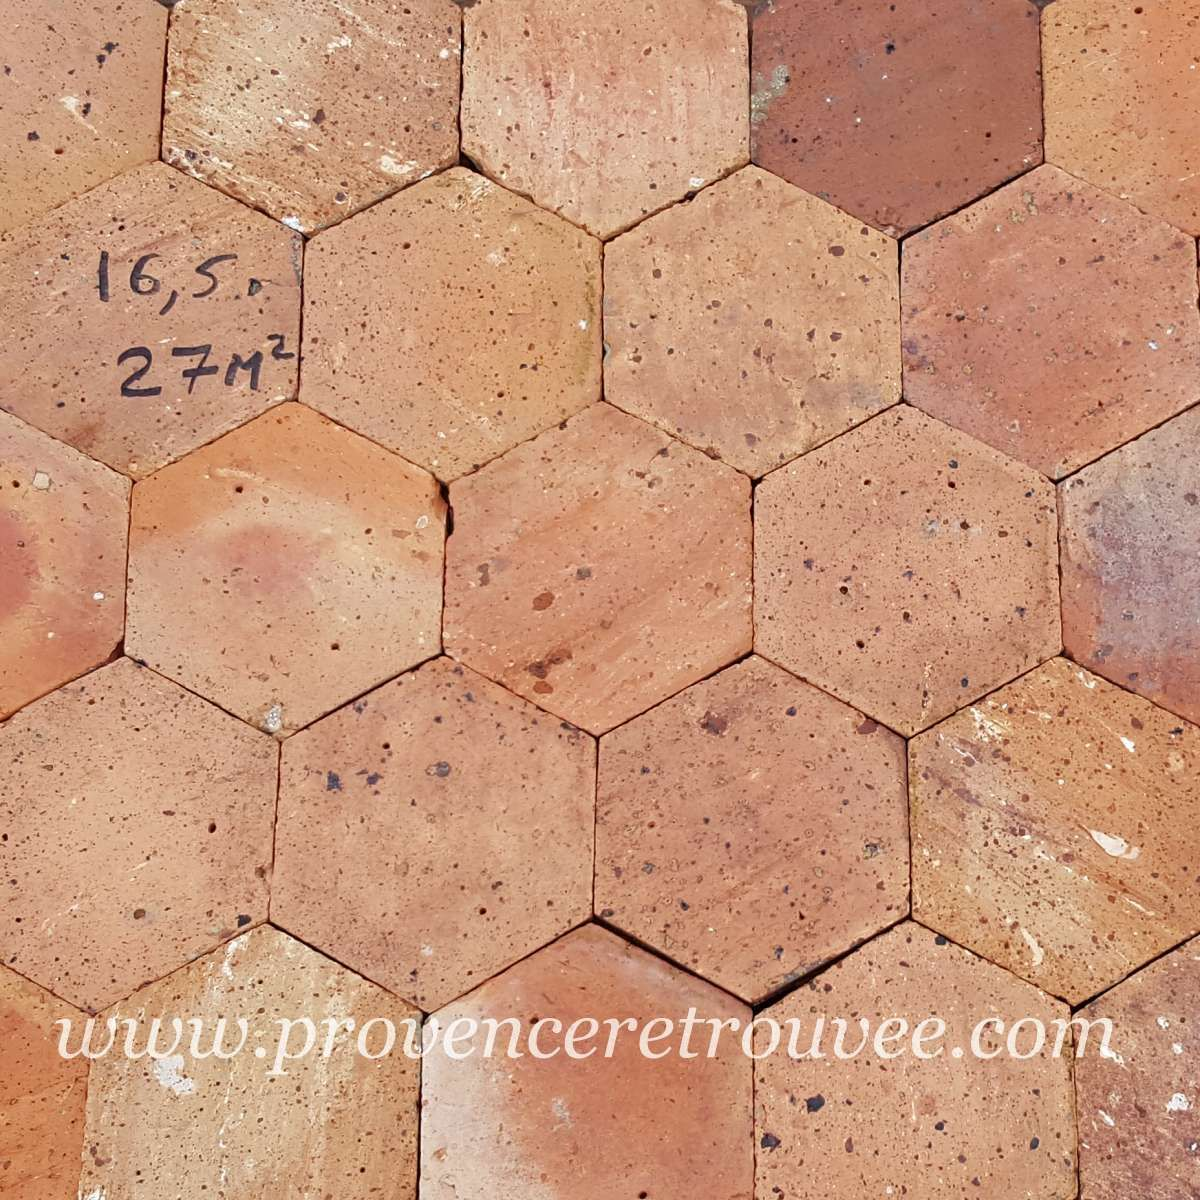 Vieilles Tomettes Hexagonales 16 5x16 5 En Terre Cuite D Occasion Tomettes Anciennes Tomette Terre Cuite